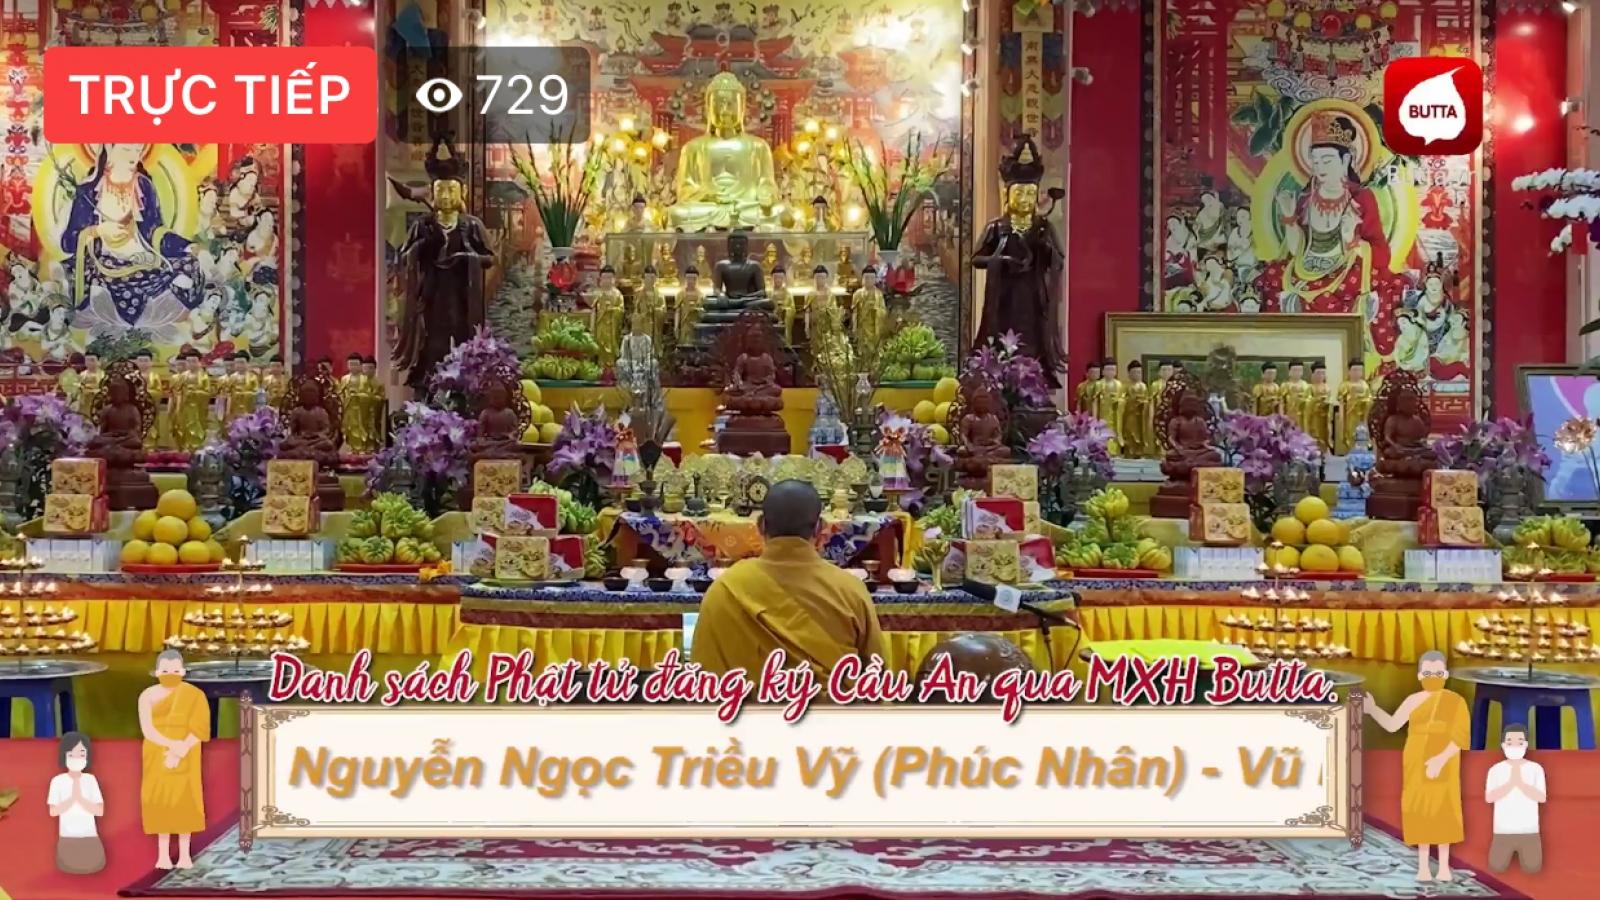 """Giáo hội Phật giáo Việt Nam nói về """"cúng dường online"""""""